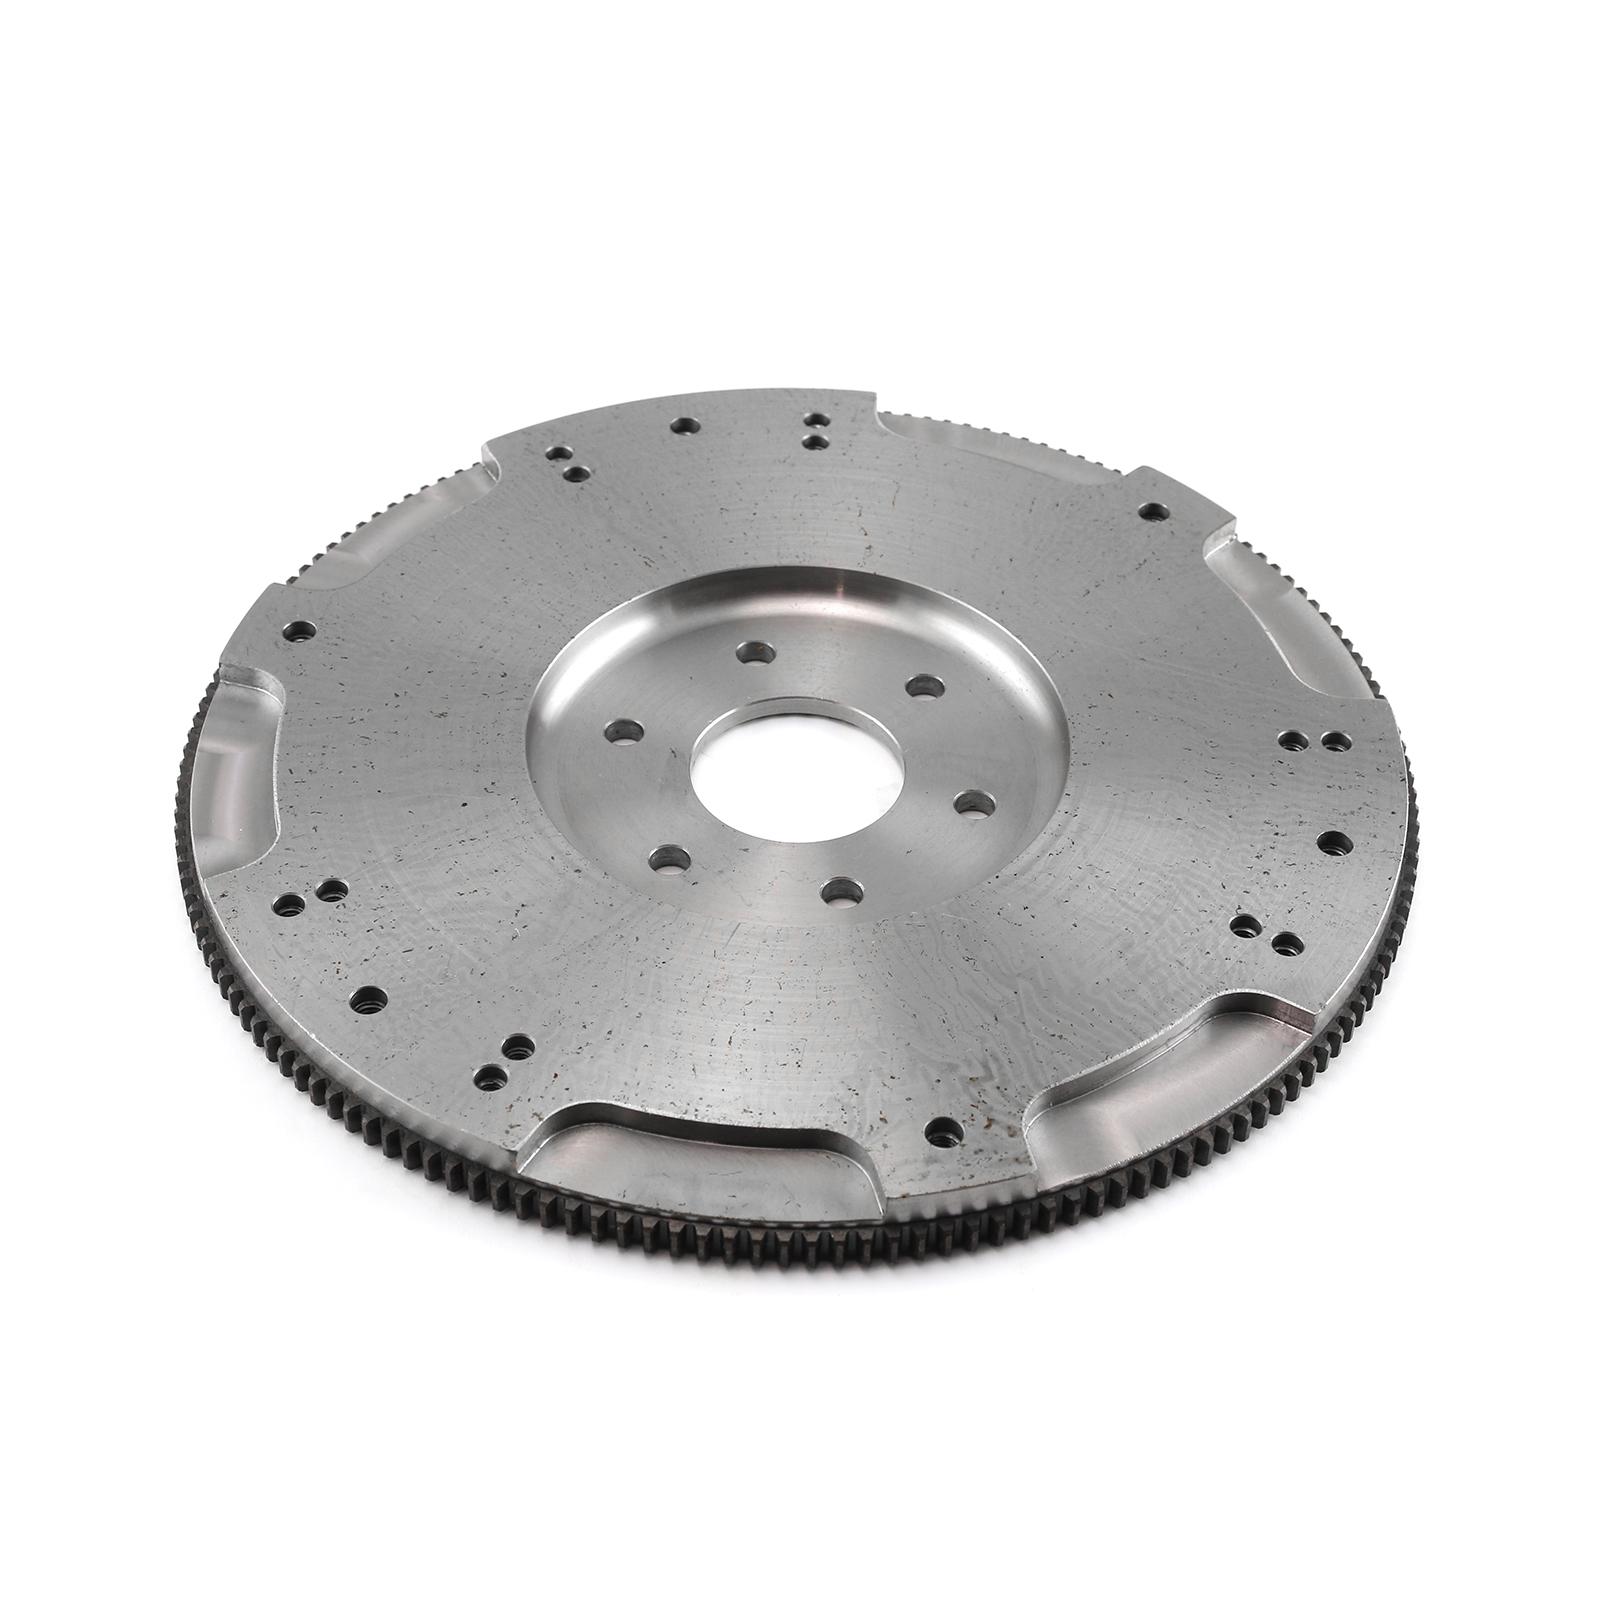 Ford SB 289 302 351W 351C 164 Tooth 28Oz Billet Steel Light SFI Flywheel